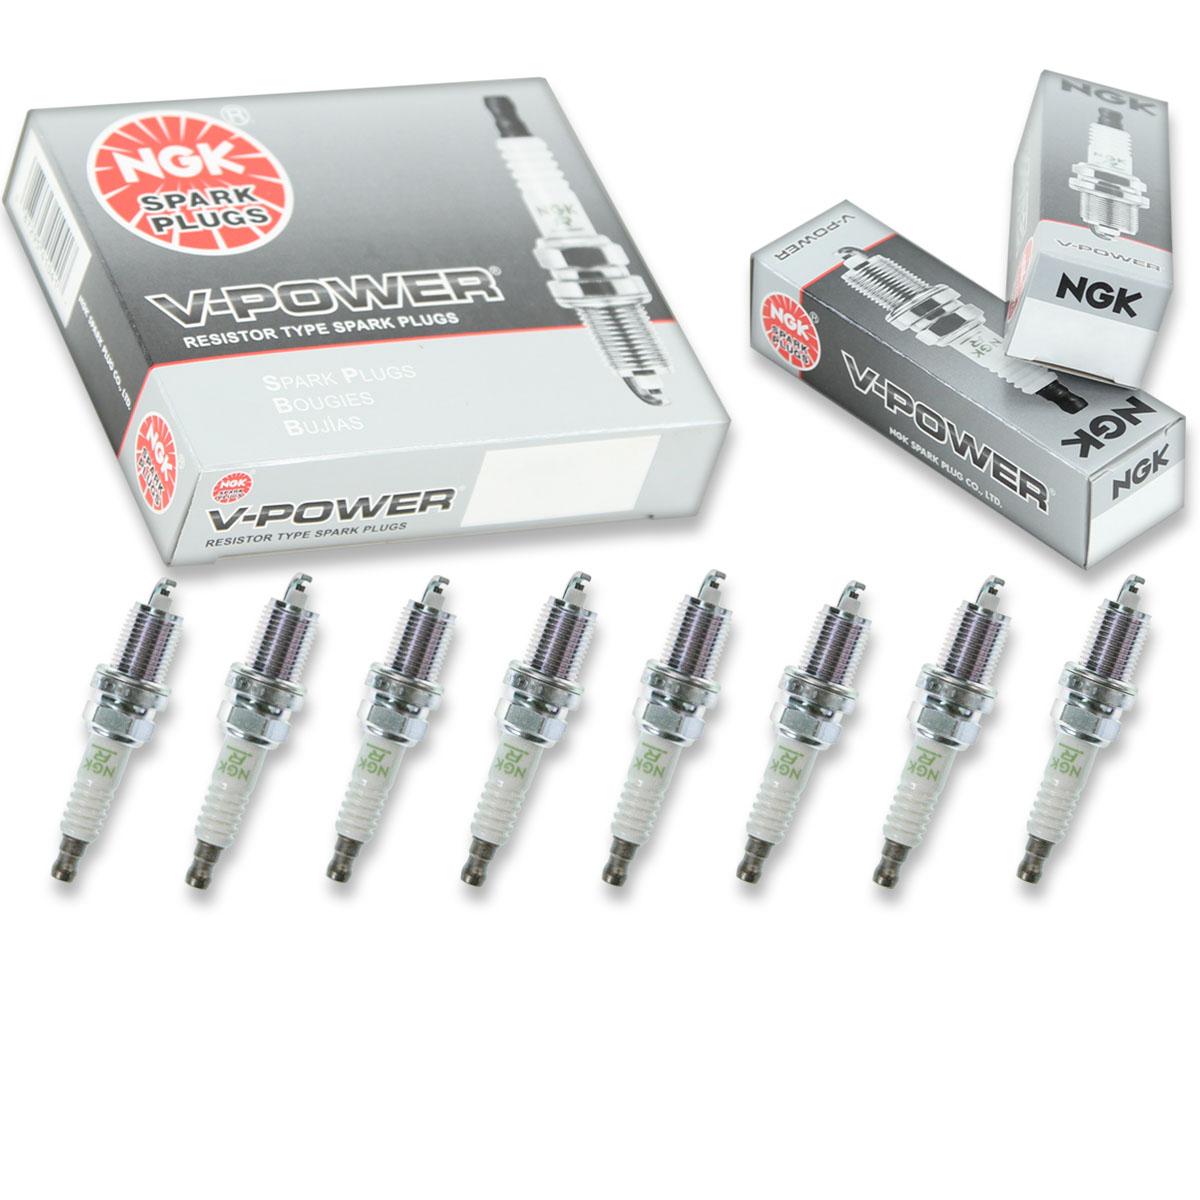 FR4 Set of 8 NGK 5155 V-Power Spark Plug